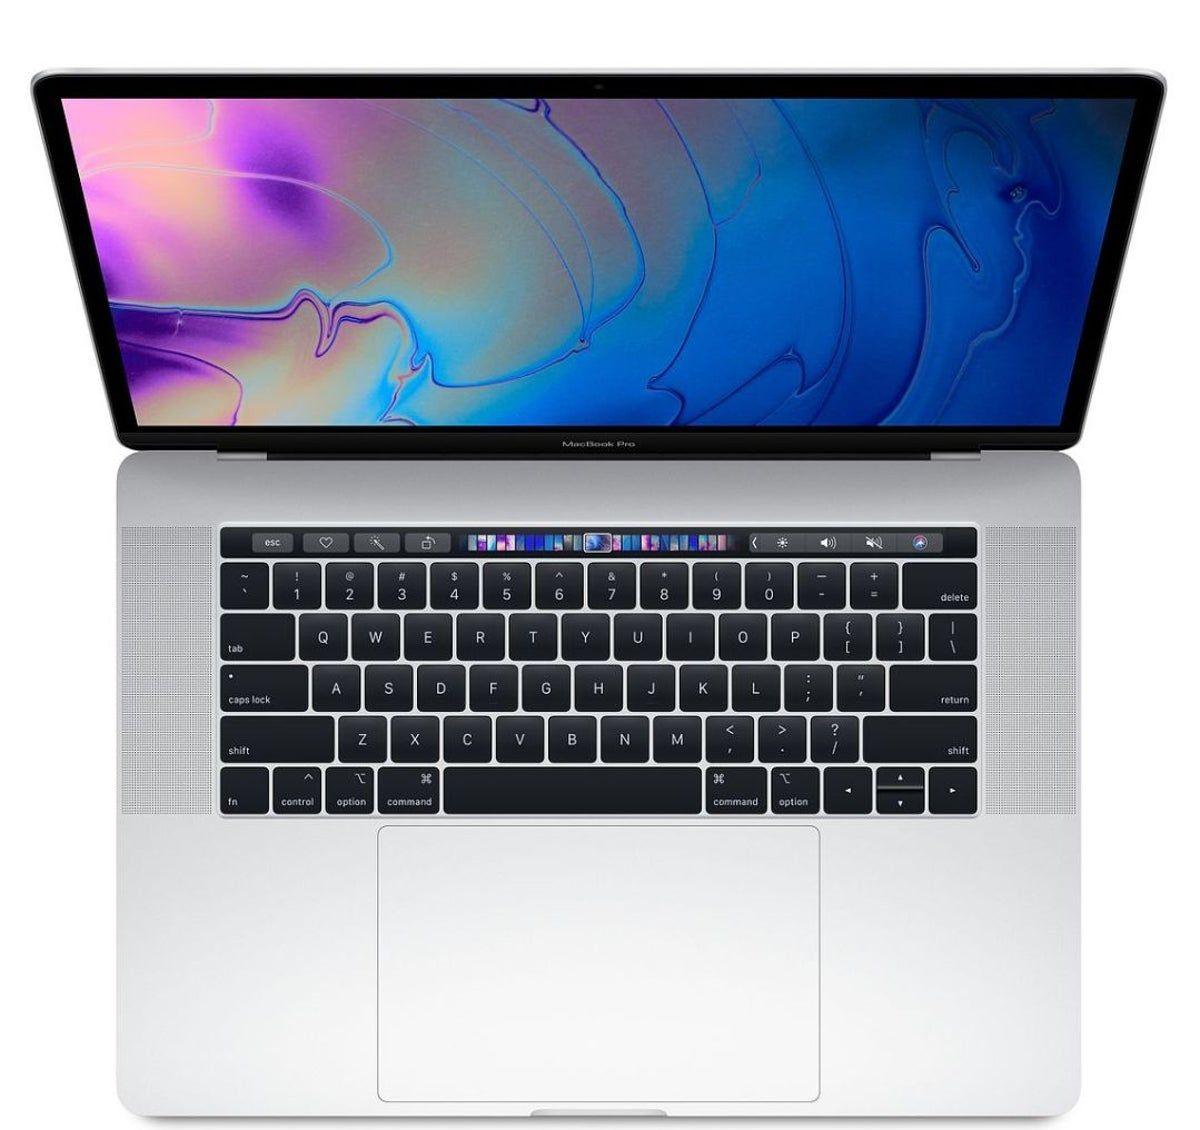 Macbook Pro Touchbar Late 2017 15 In 2020 Macbook Pro Laptop Buy Macbook Apple Macbook Pro